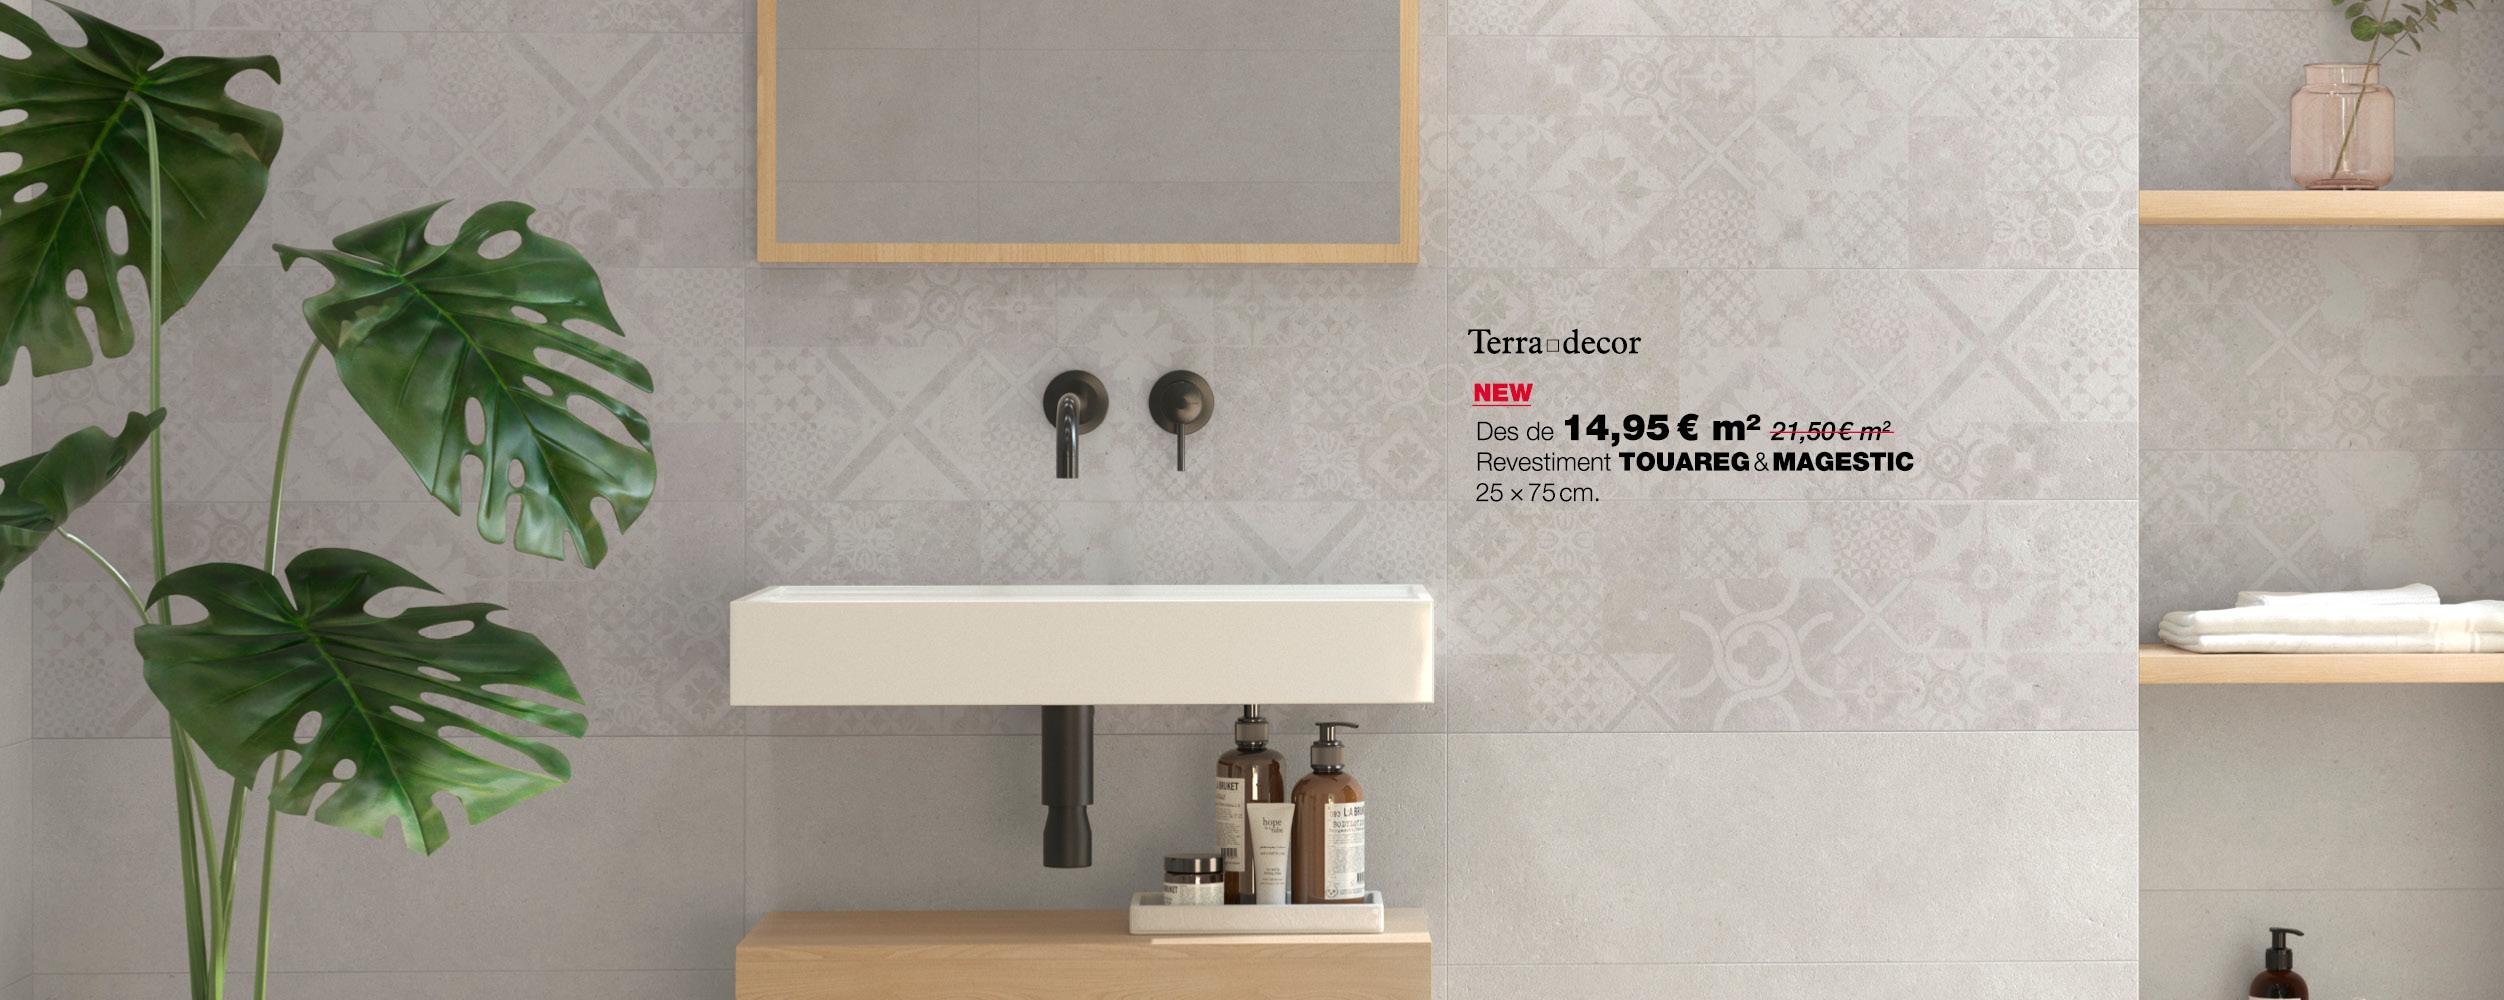 Arriba un nou revestiment per el teu bany, ara pero només 14,95€/m2